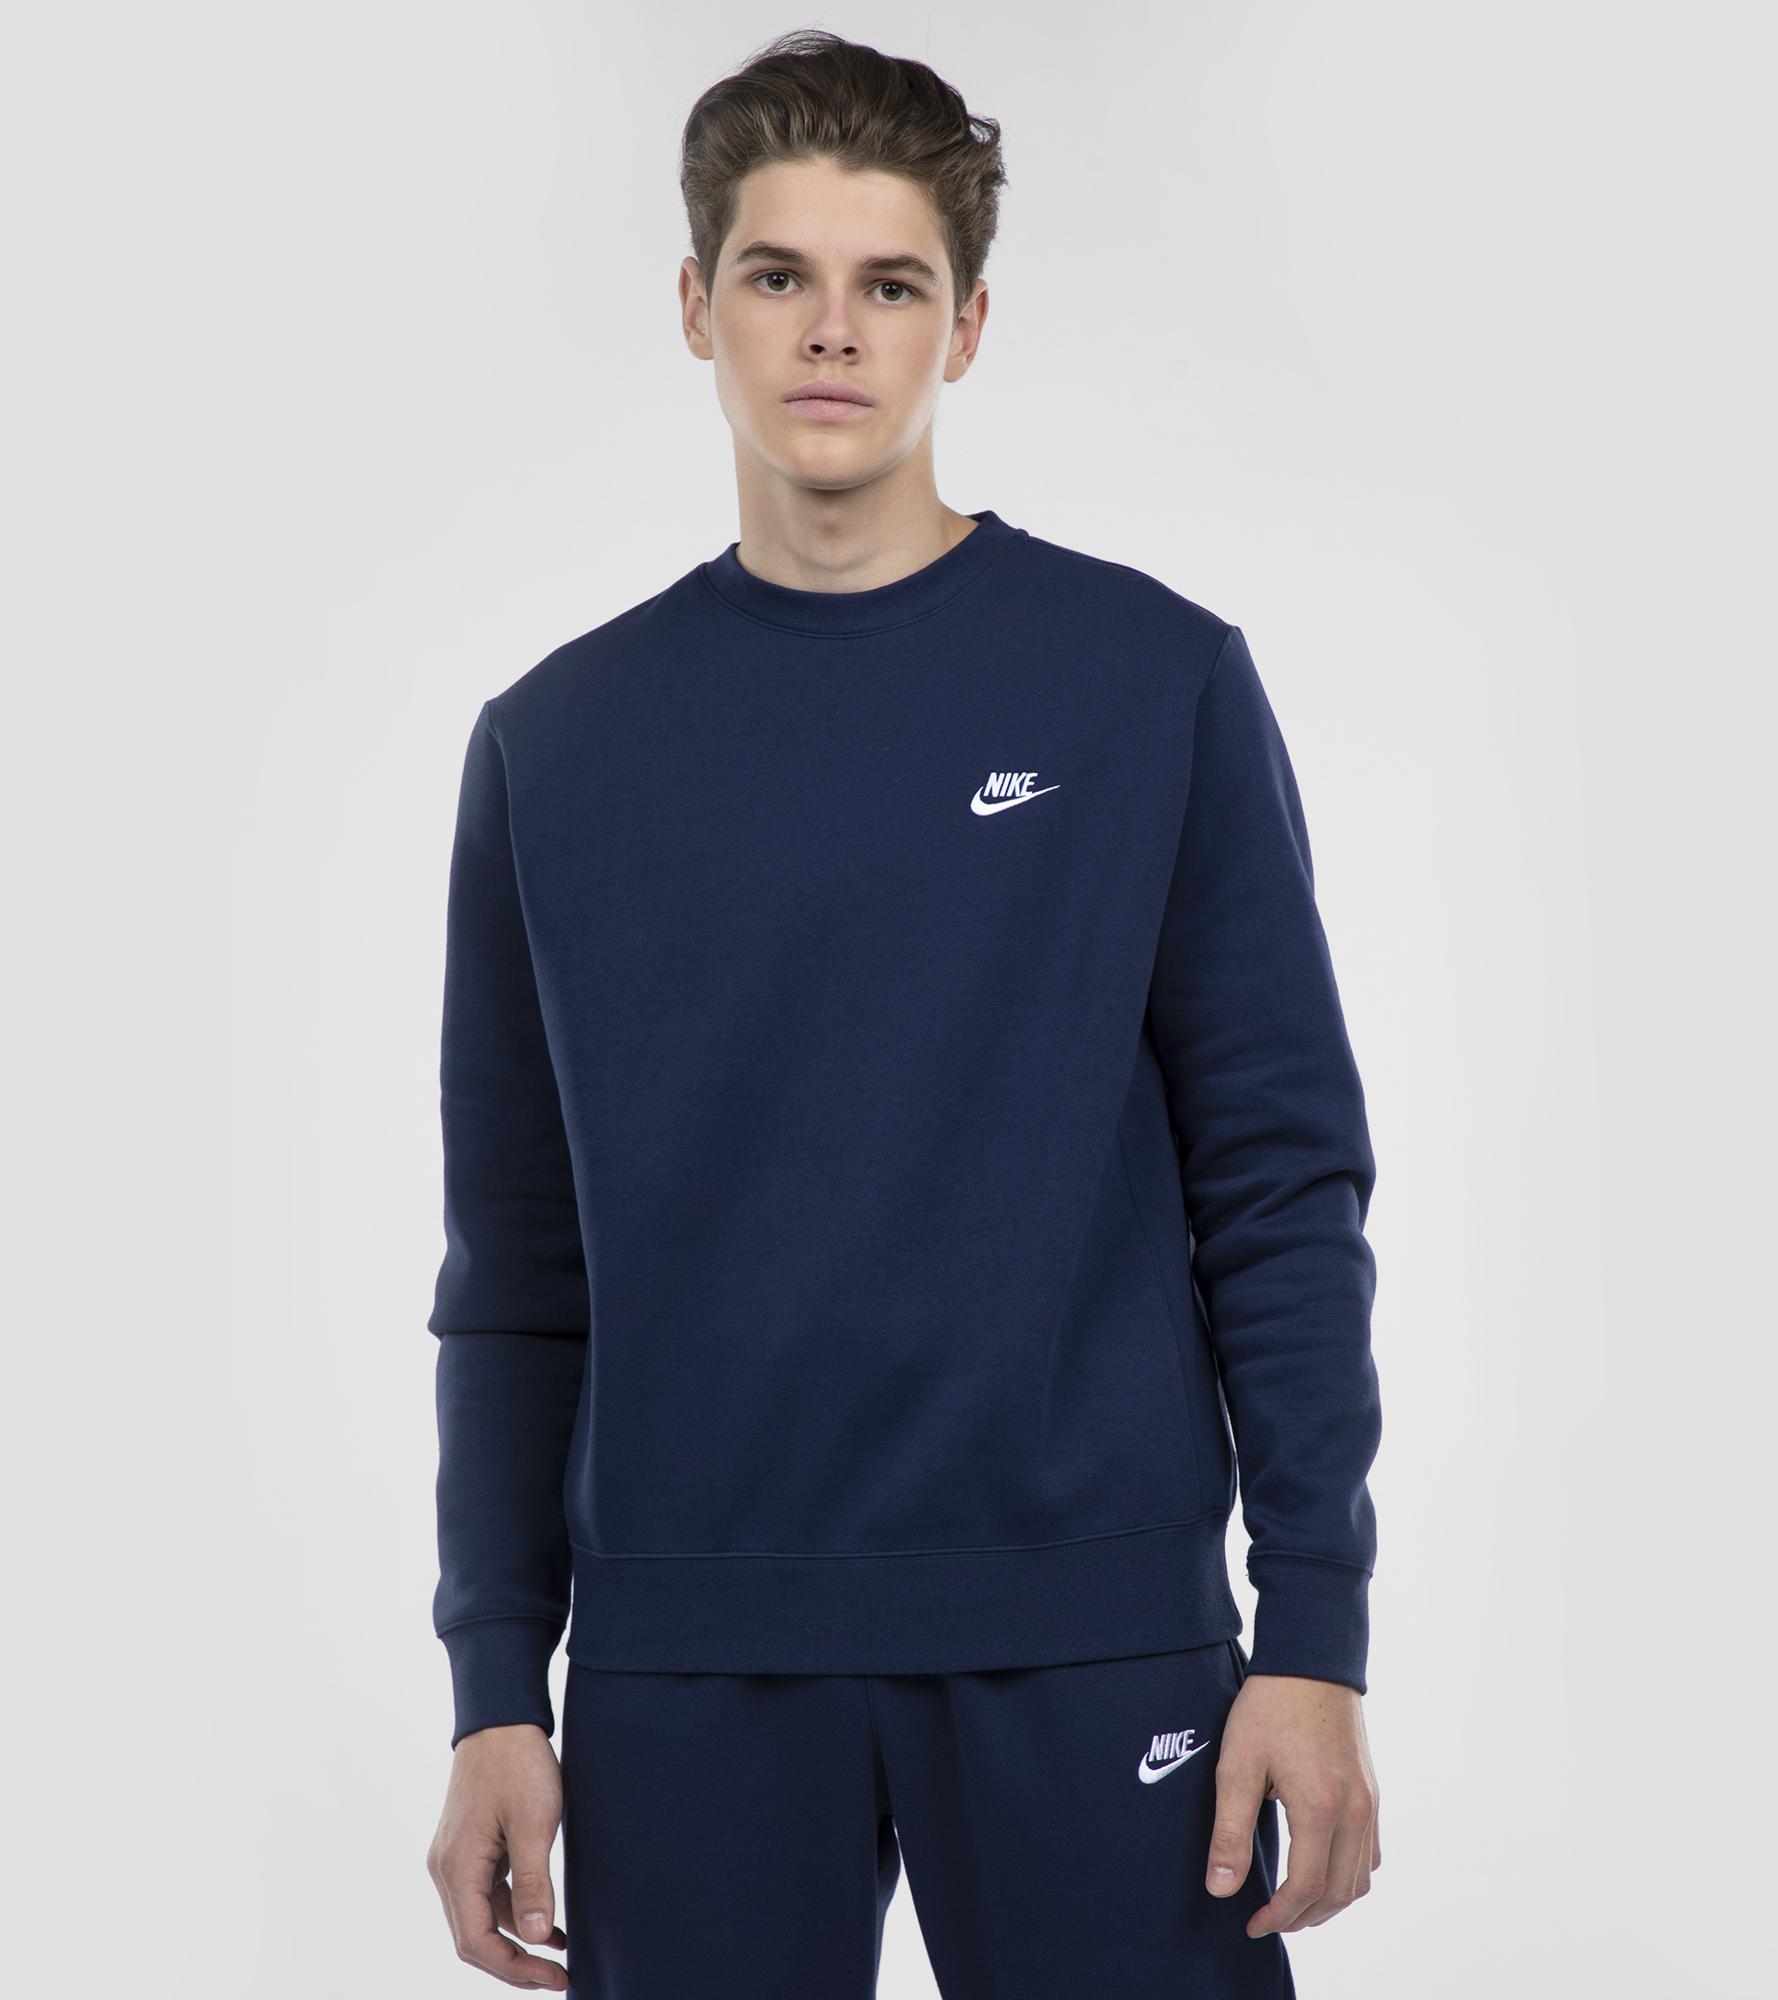 Фото Nike Свитшот мужской Nike Club Crew, размер 52-54